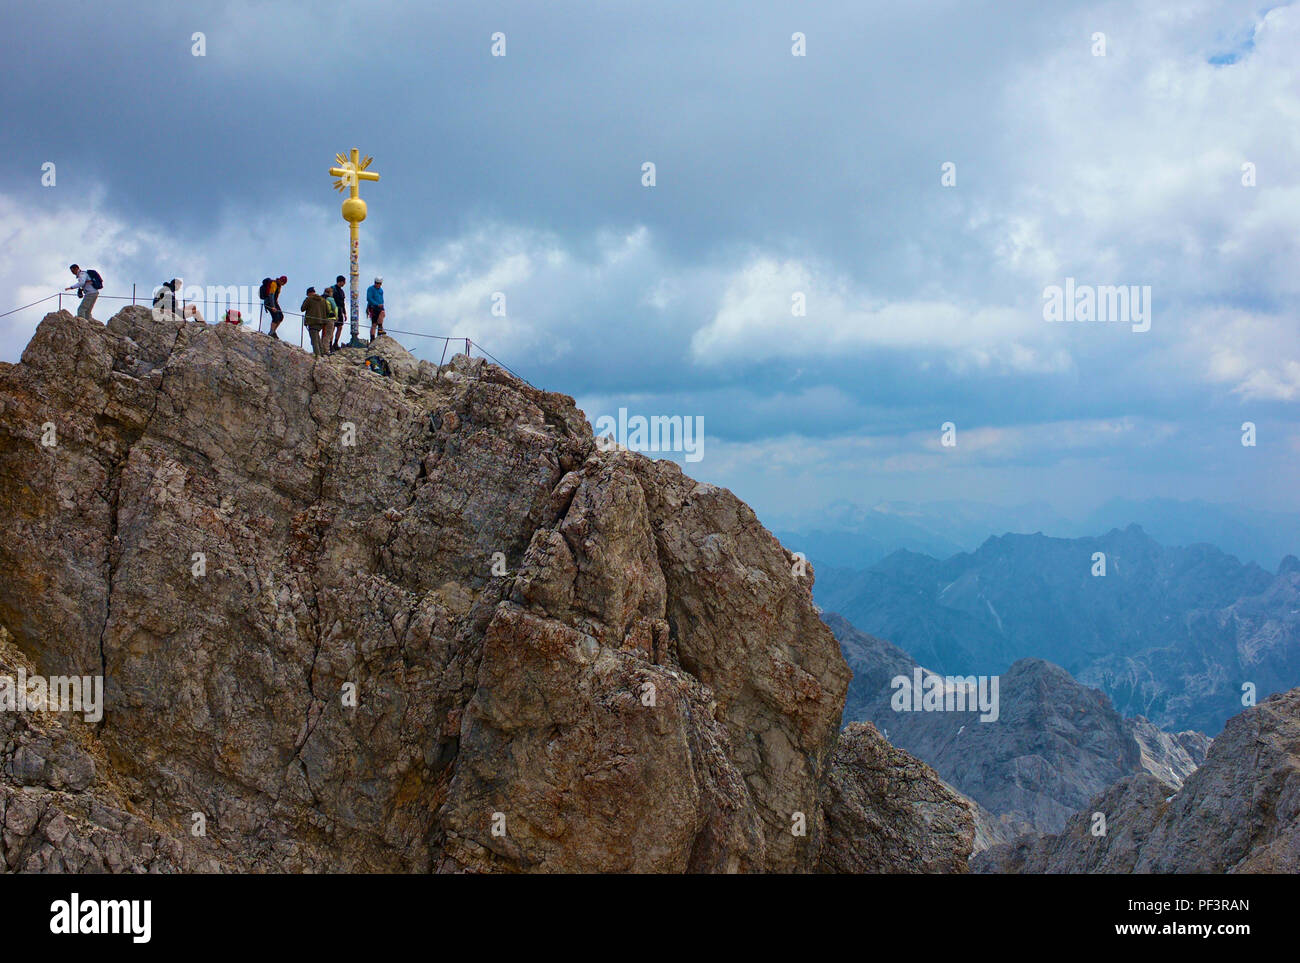 Bergwanderer auf dem Zugspitzgipfel. Alpenpanorama und Gipfelkreuz. - Stock Image